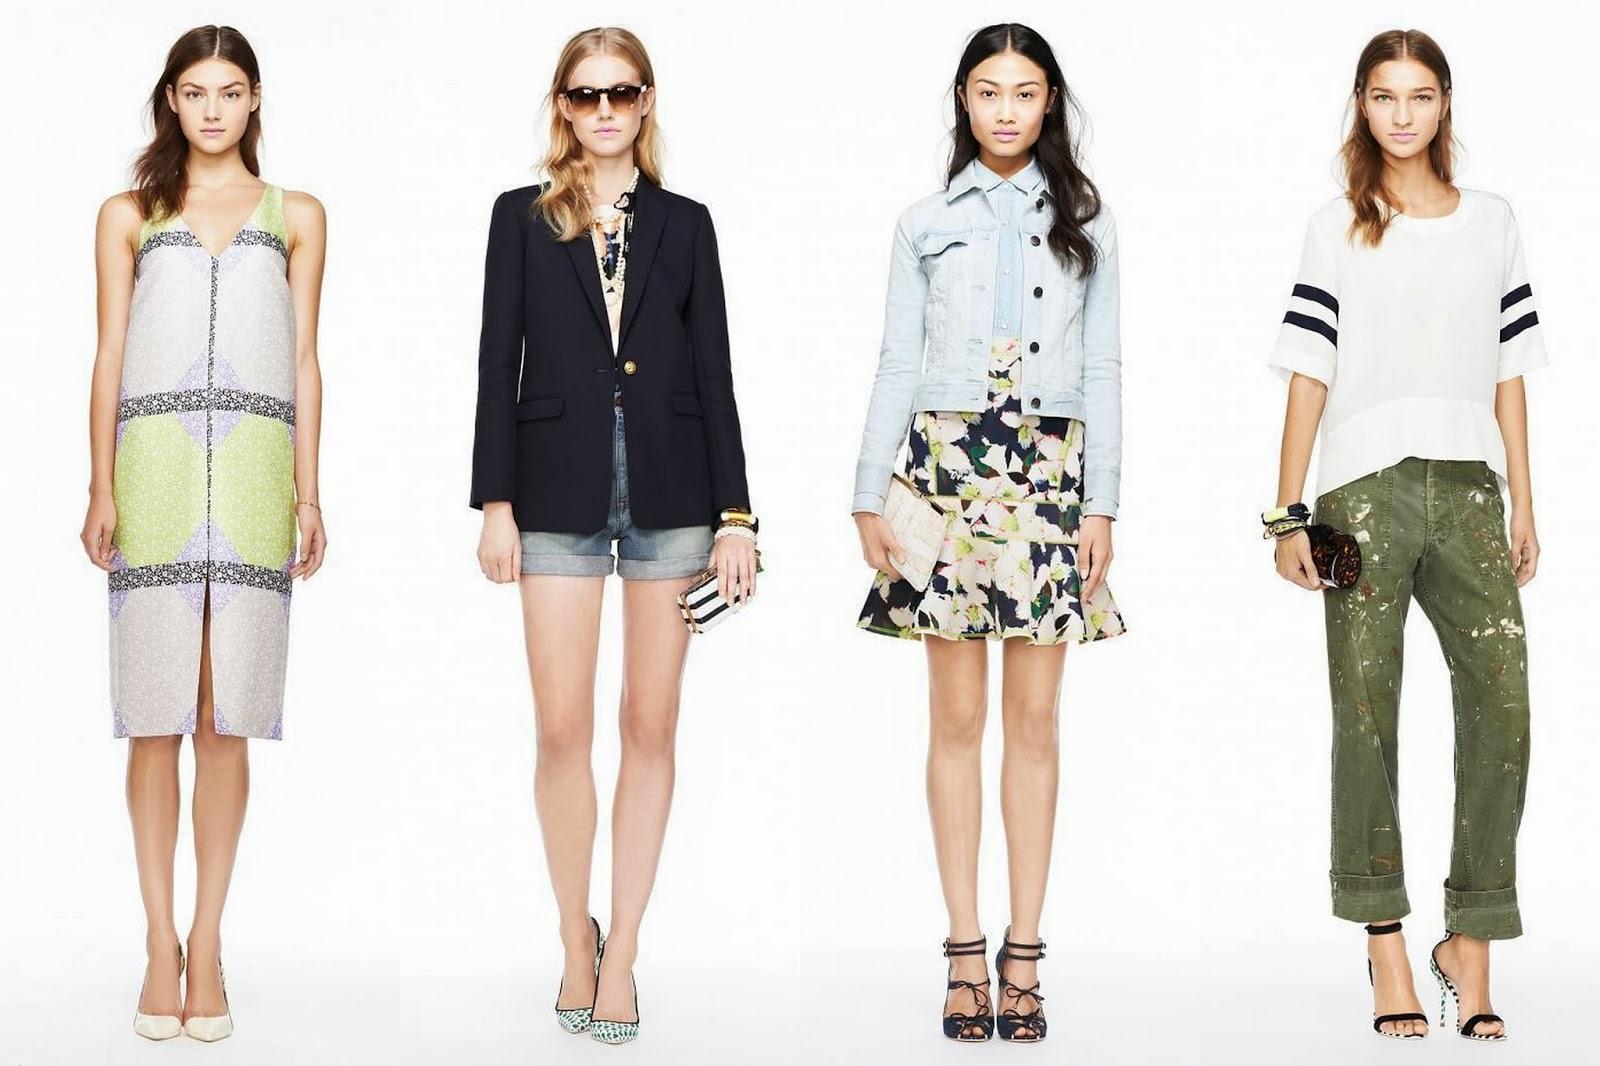 I AM FASHION !!!: J.Crew Spring/Summer 2014 Womenswear ...